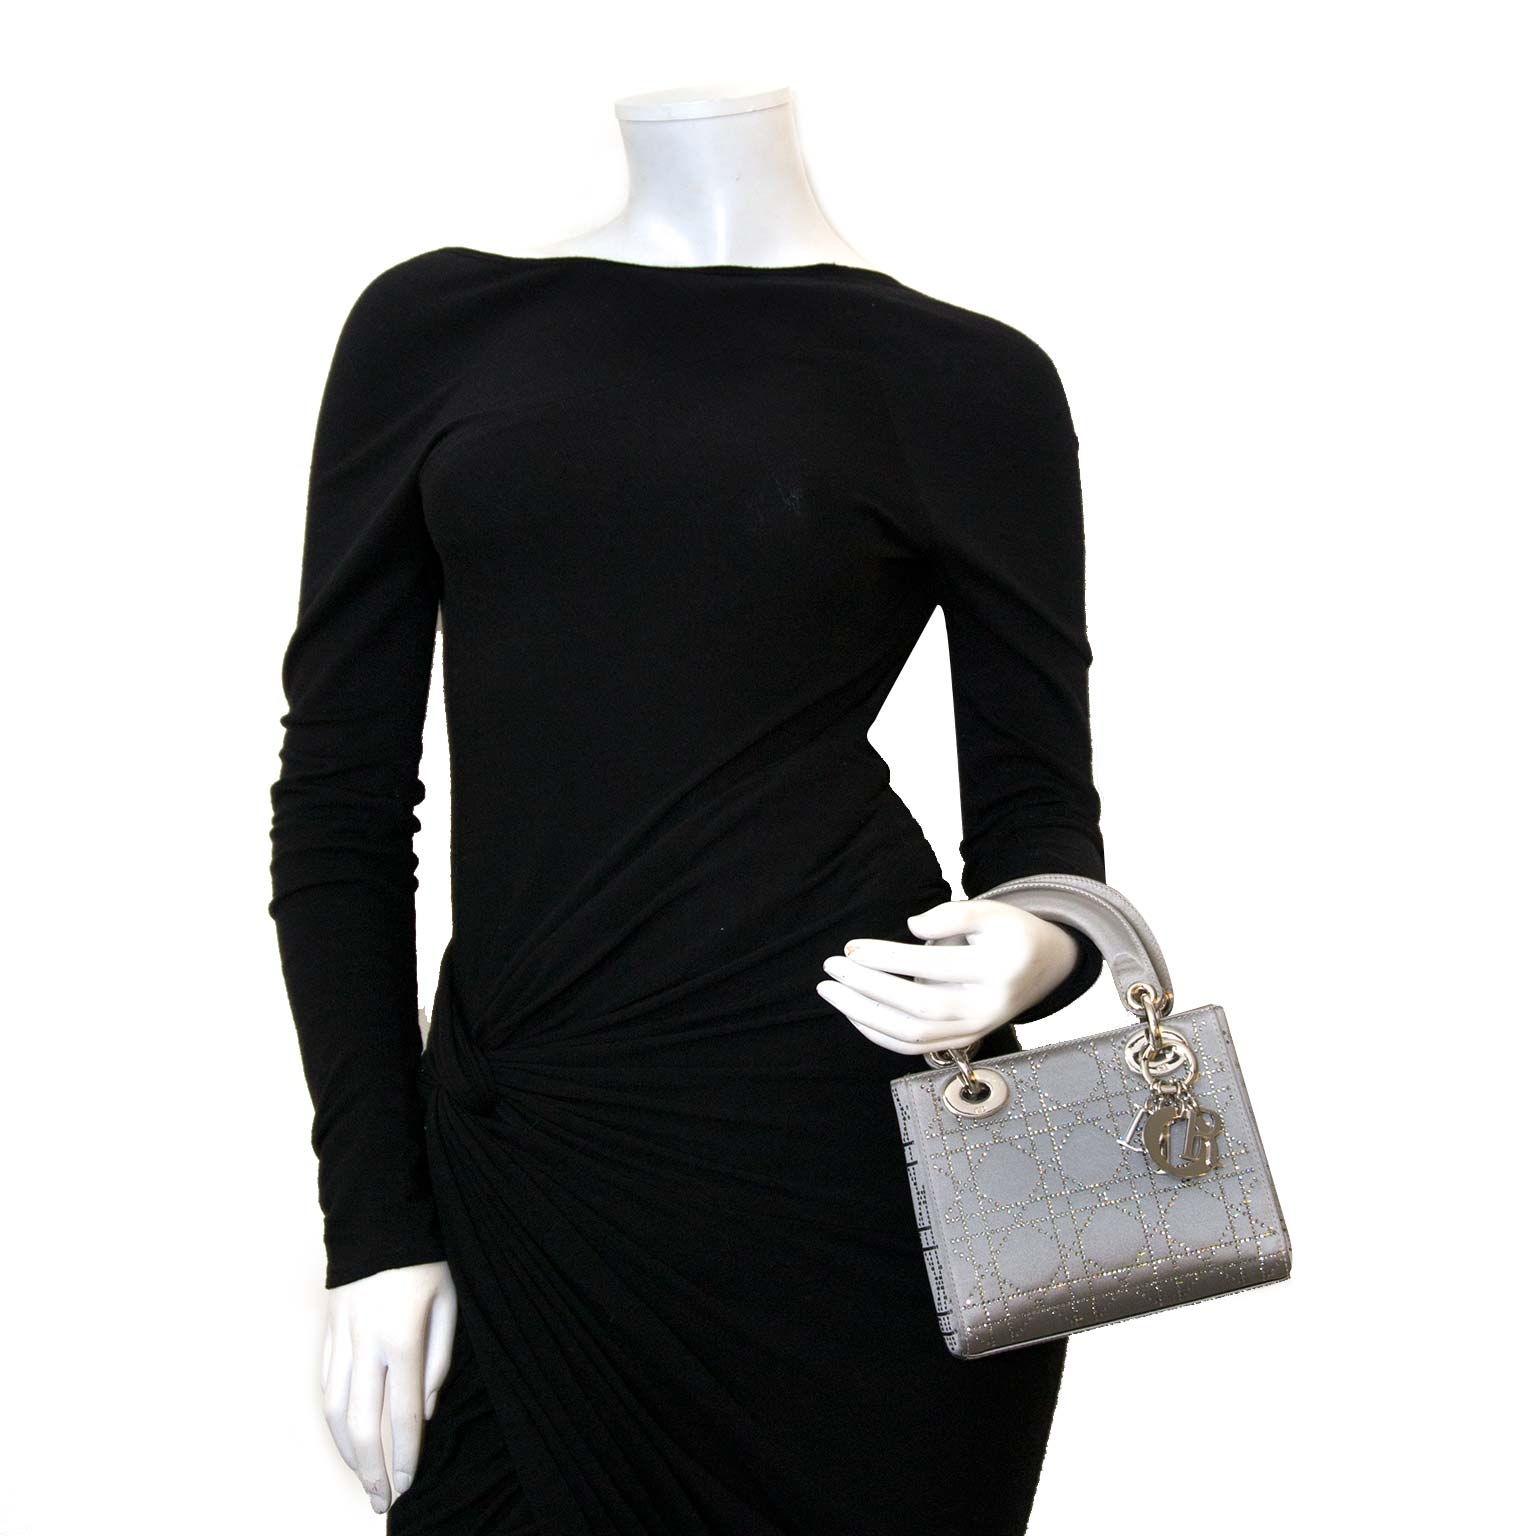 Dior Lady Dior Swarovski Satin Mini Bag for sale online at Labellov